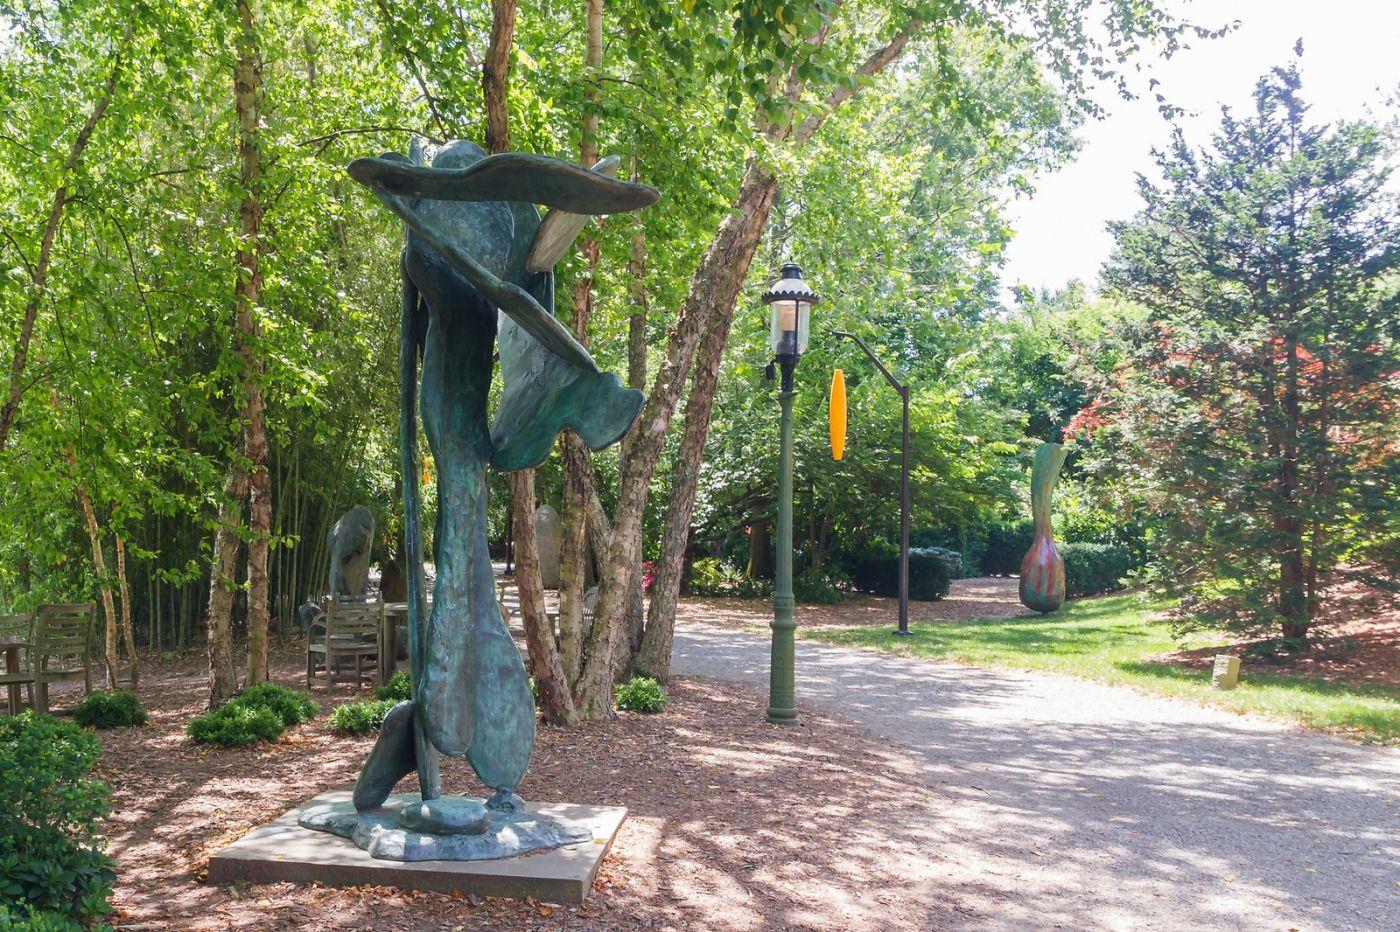 新泽西州雕塑公园(Grounds for scuplture),题材很广_图1-40